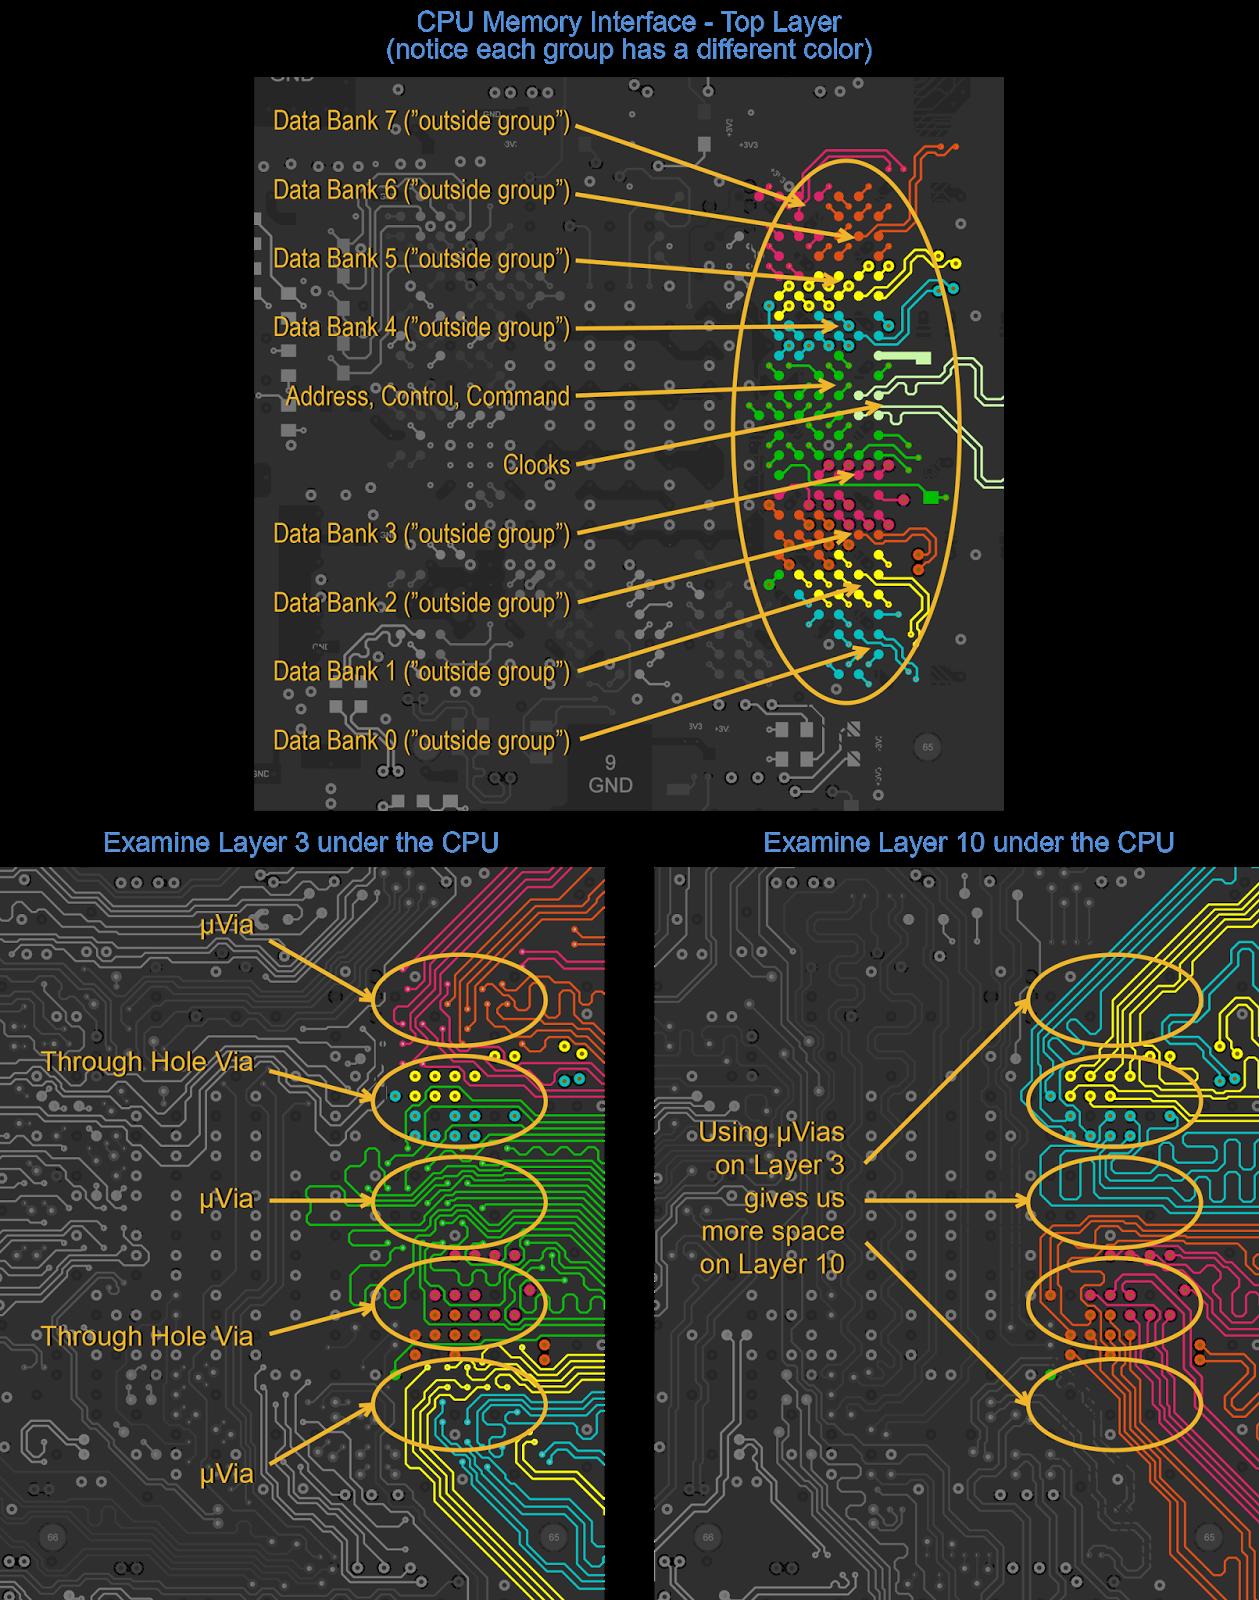 Abbildung 4: Die Auswahl einer passenden Durchkontaktierung beim DDR3-Routing kann Platz für weitere Leiterbahnen einsparen.